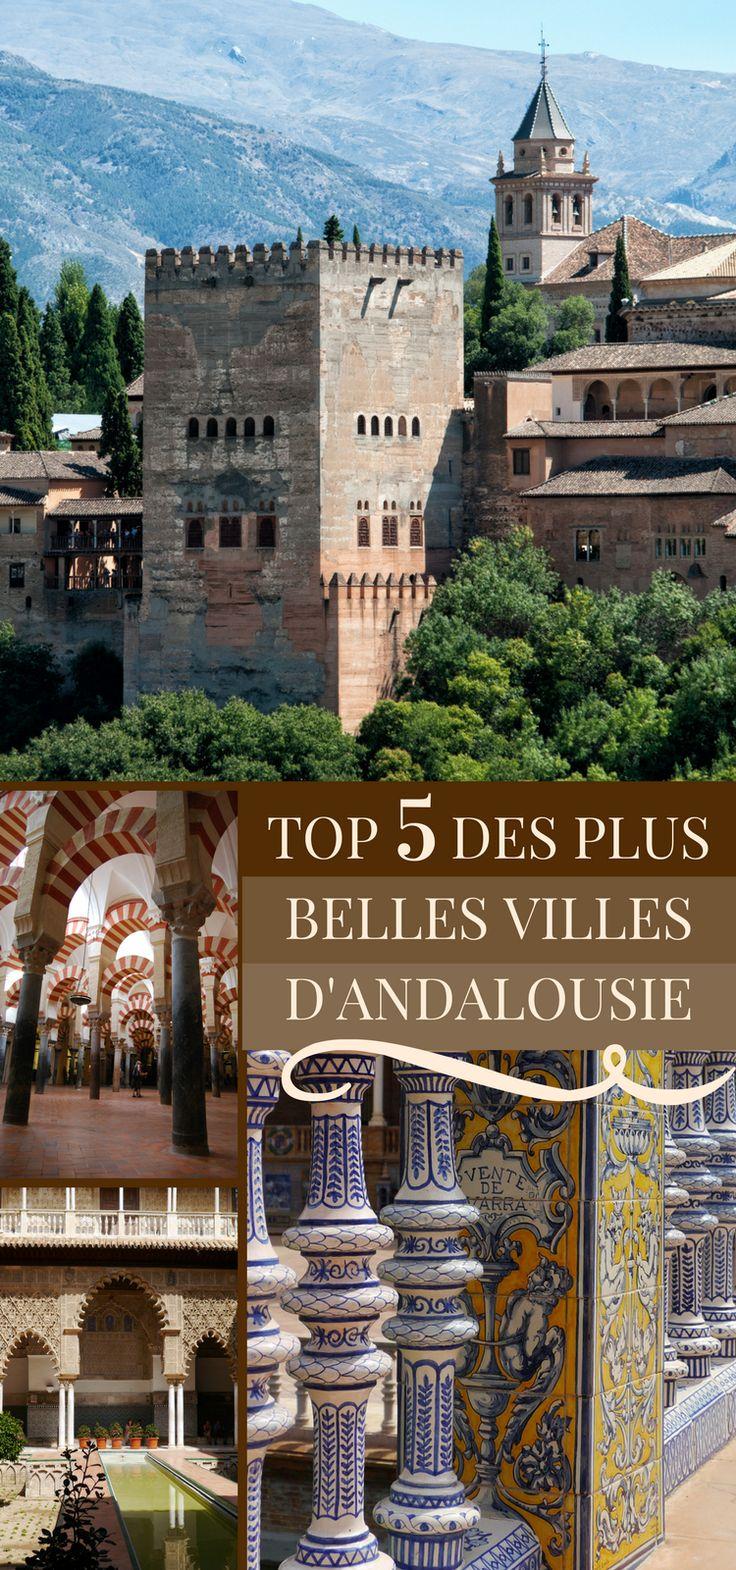 L'Andalousie est une des 17 régions d'Espagne, et l'une des plus visitées en raison de son passé culturel, de son art de vivre et de ses traditions. N'hésitez pas à partir à la découverte de ses plus belles villes ! #Espagne #Voyage #Andalousie